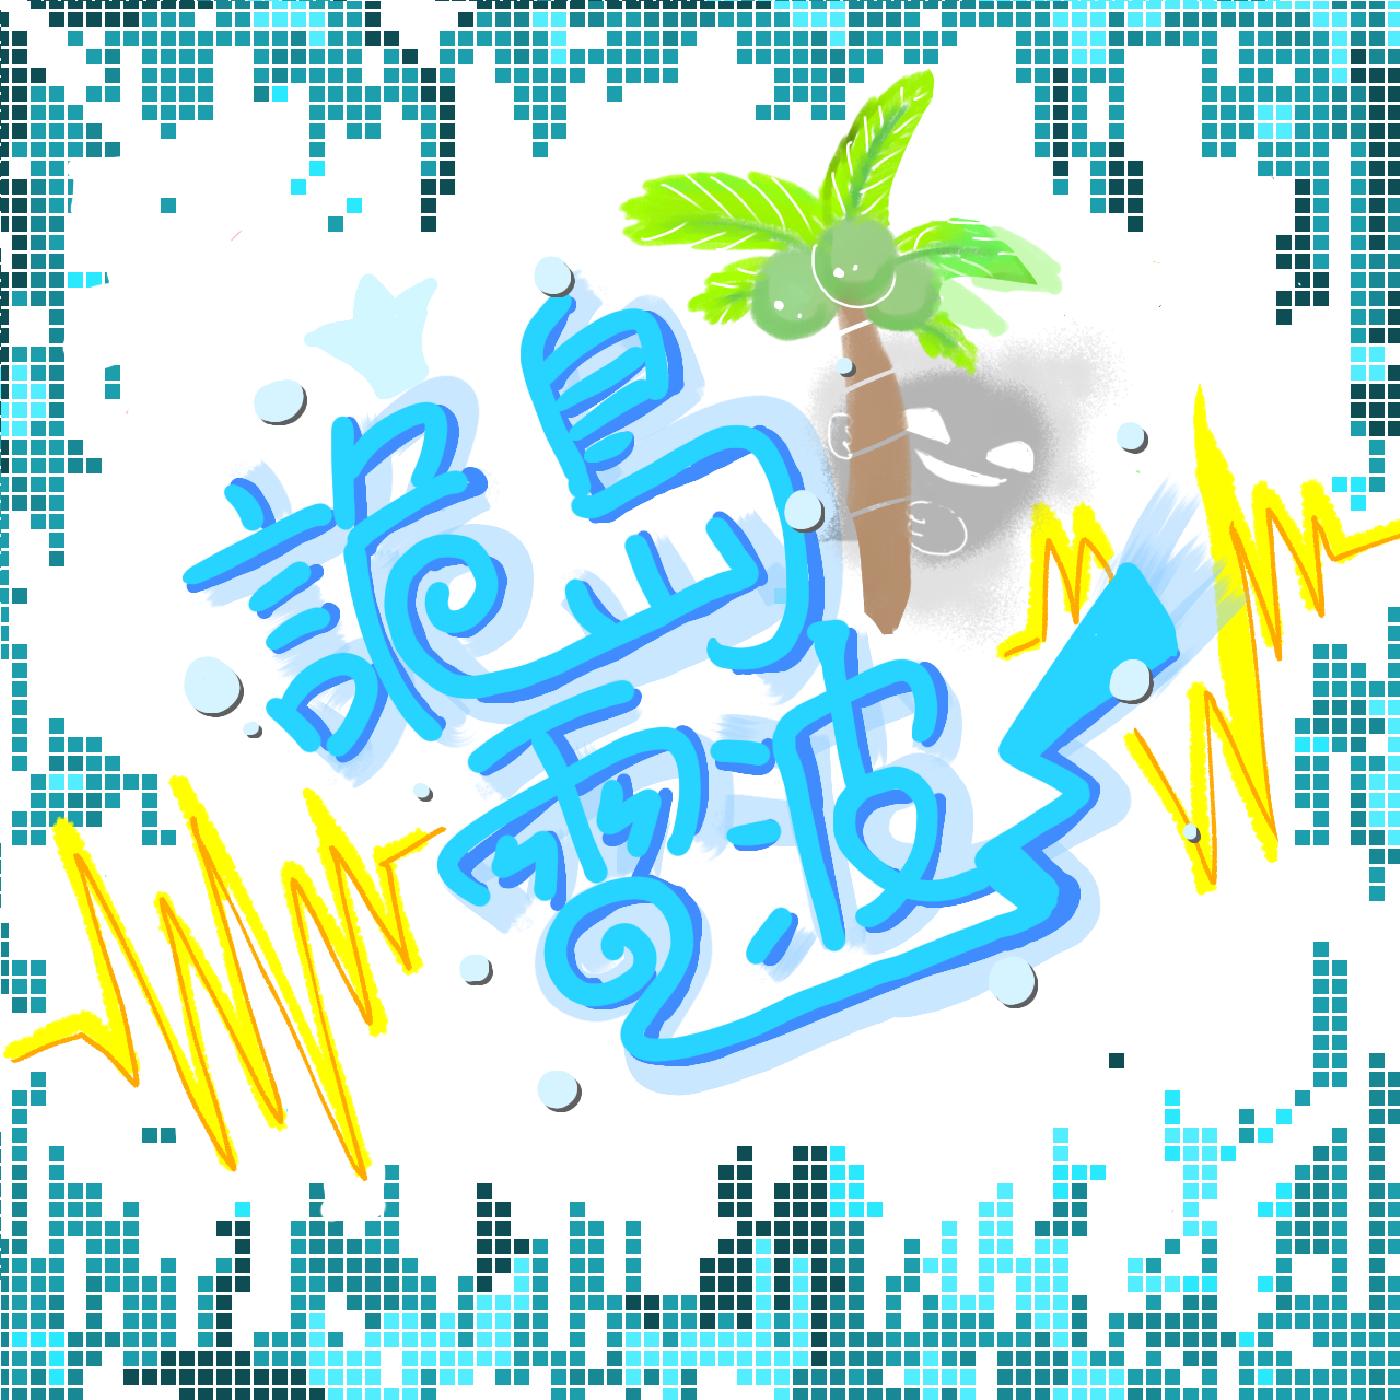 【詭島電波 第二季】#2 在清明節尋找春天 超自然震動好興奮